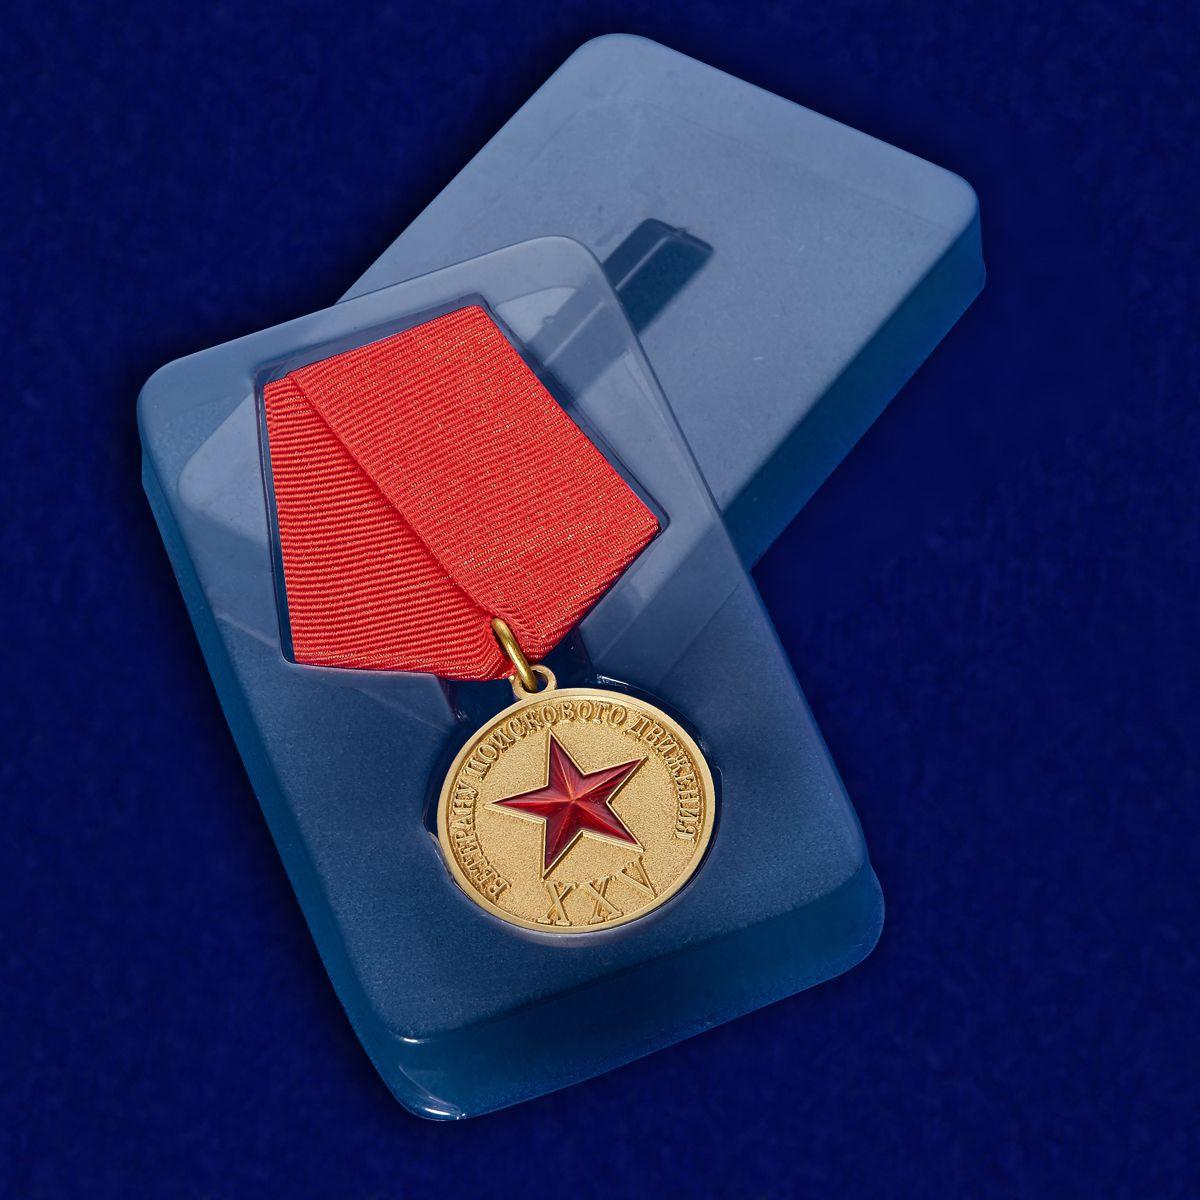 Медаль Ветерану поискового движения СНГ в футляре